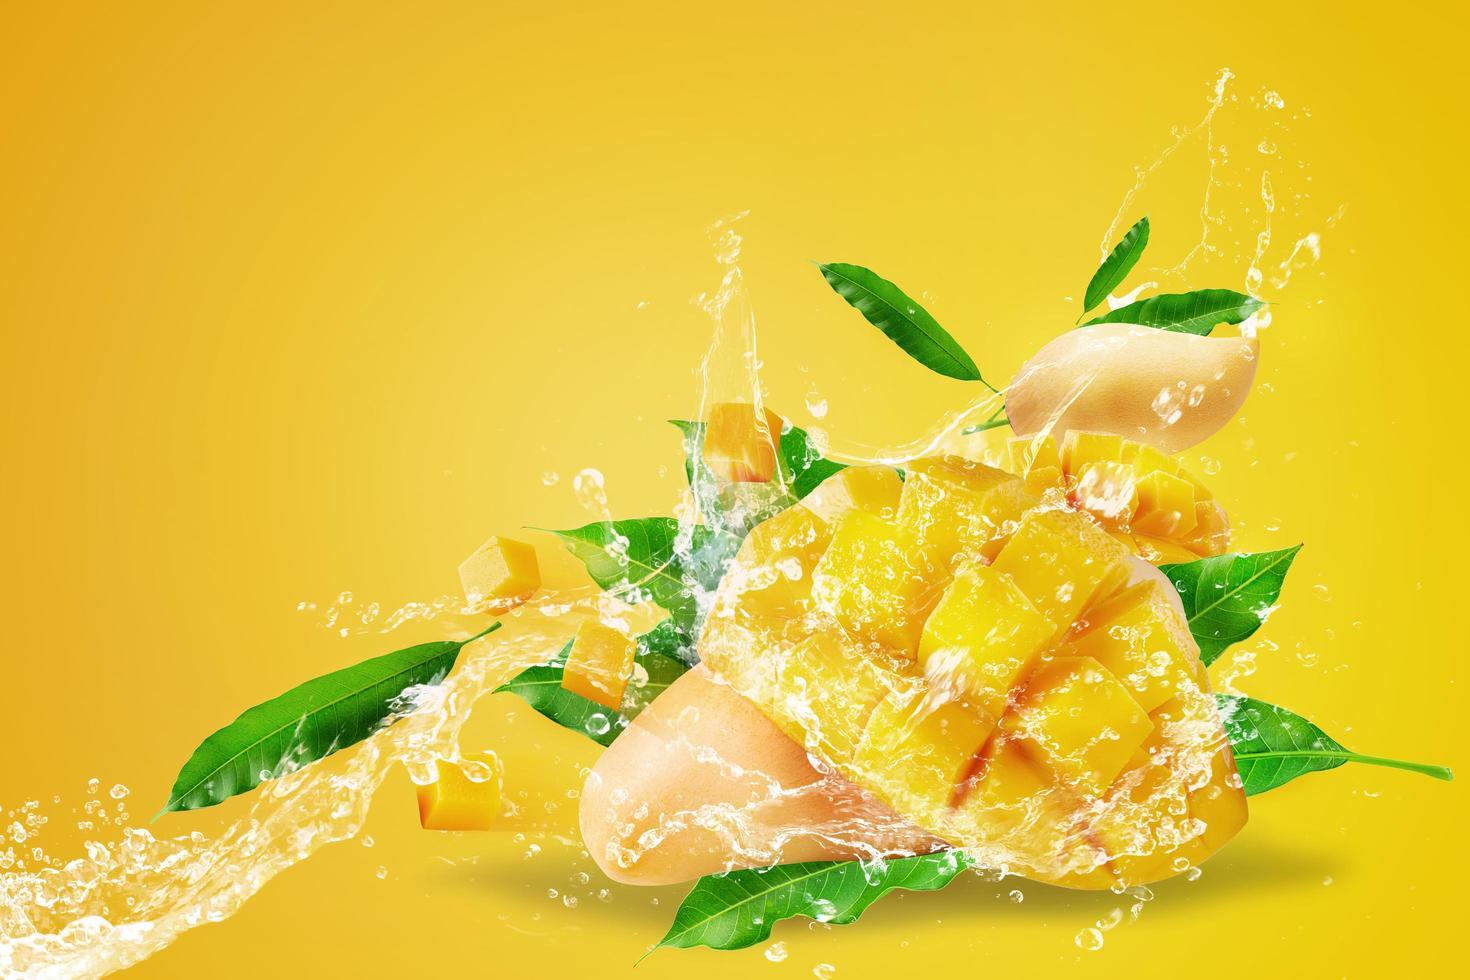 Water splashing on fresh sliced mango fruit  photo